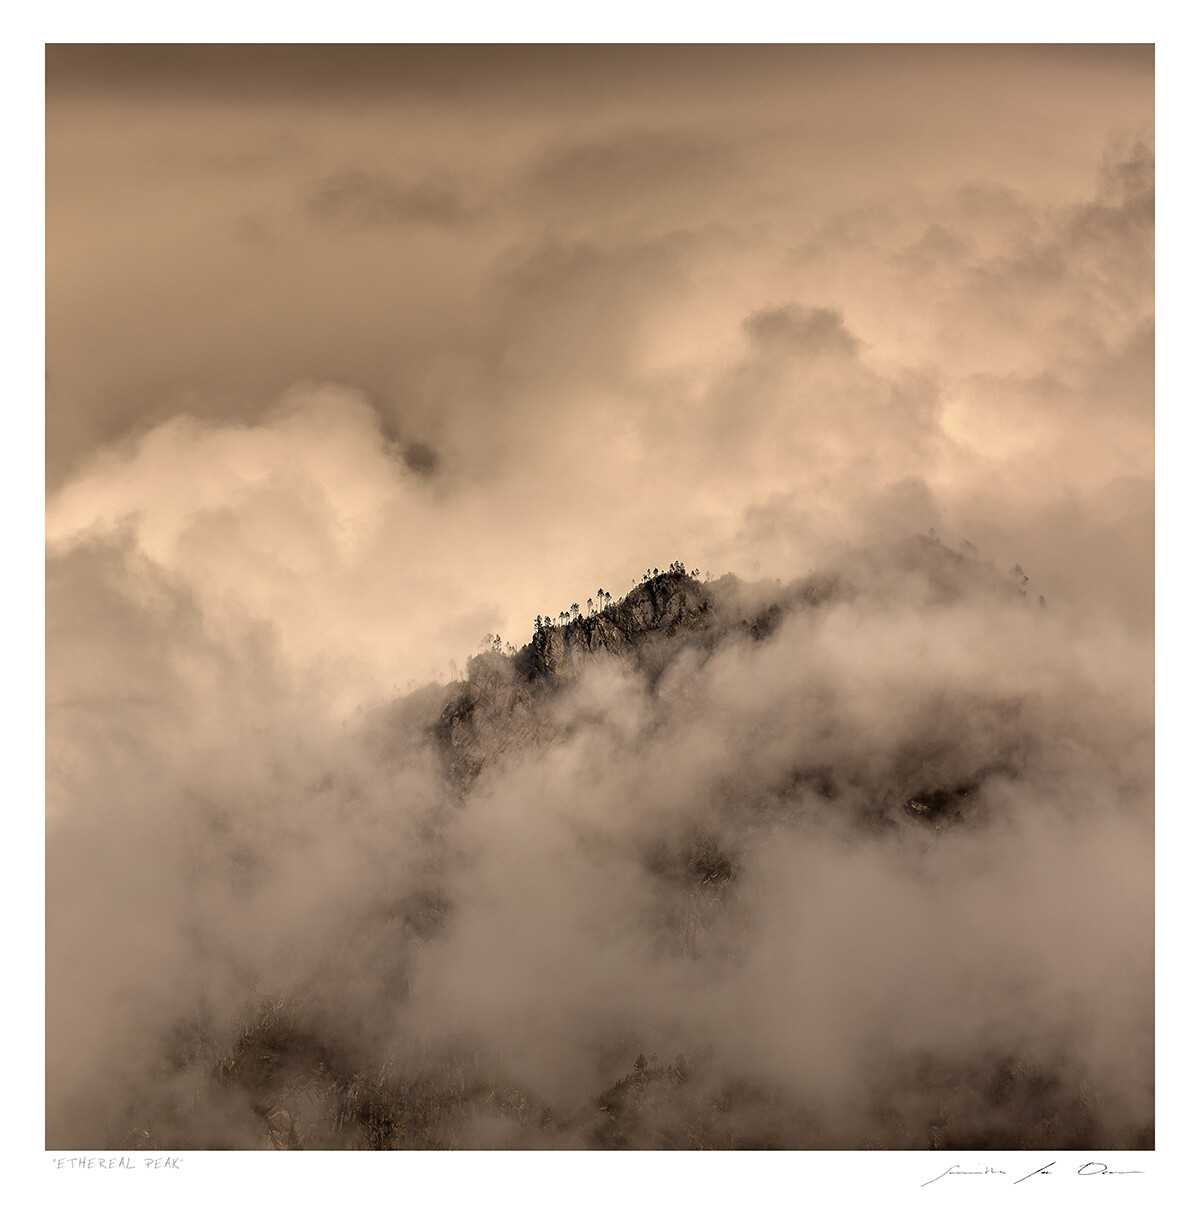 Ethereal Peak | Samantha Lee Osner